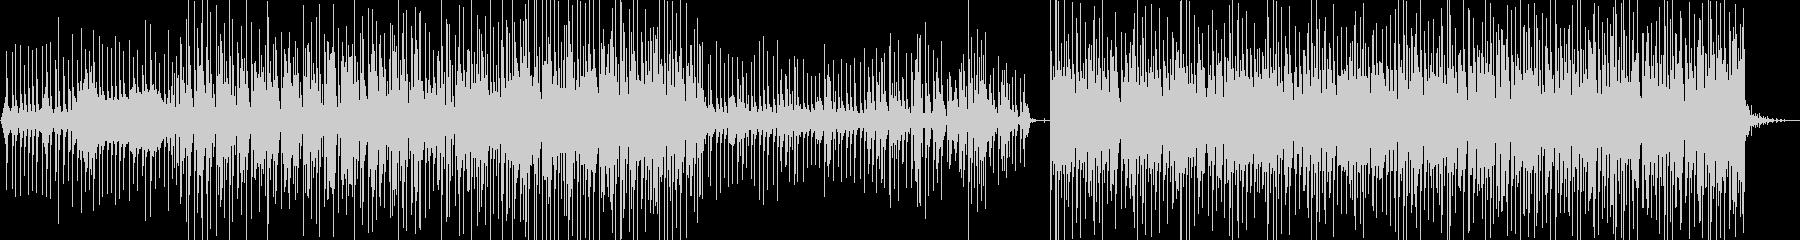 ダンディズムな口笛ダンス ハウス調の未再生の波形